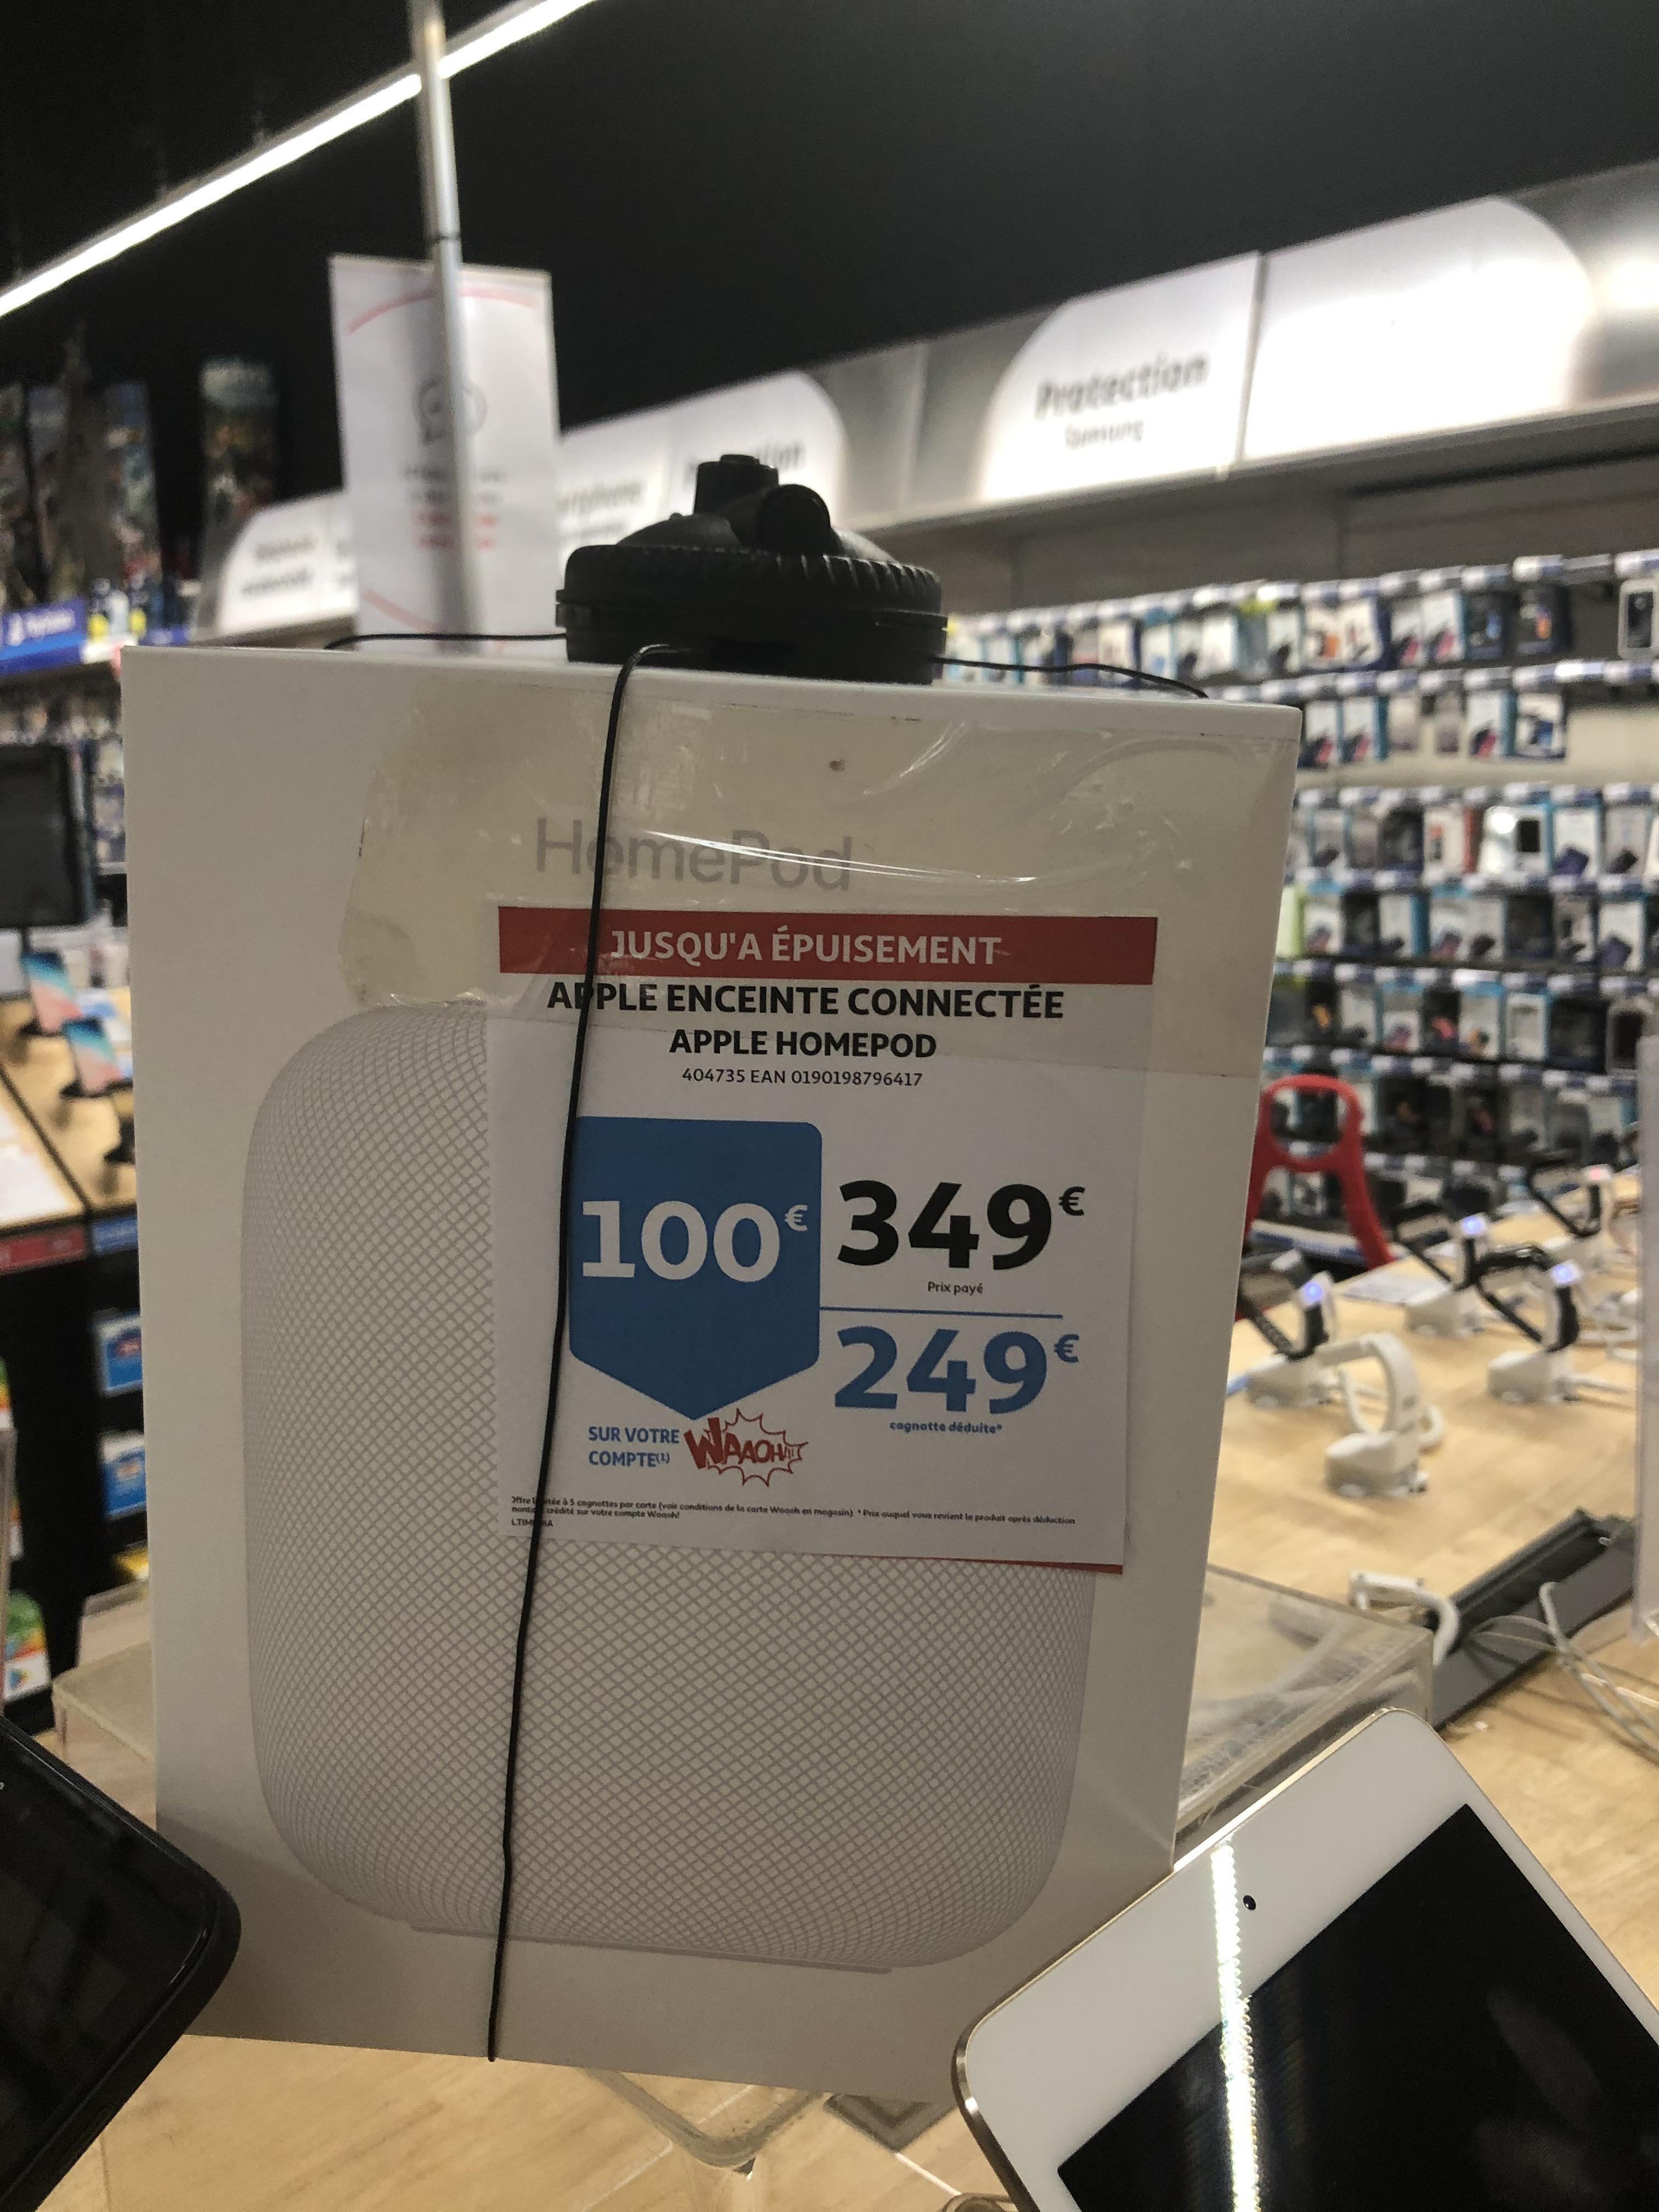 Enceinte connectée Apple HomePod (Via 100€ sur la carte) - Auchan Béthune (62)